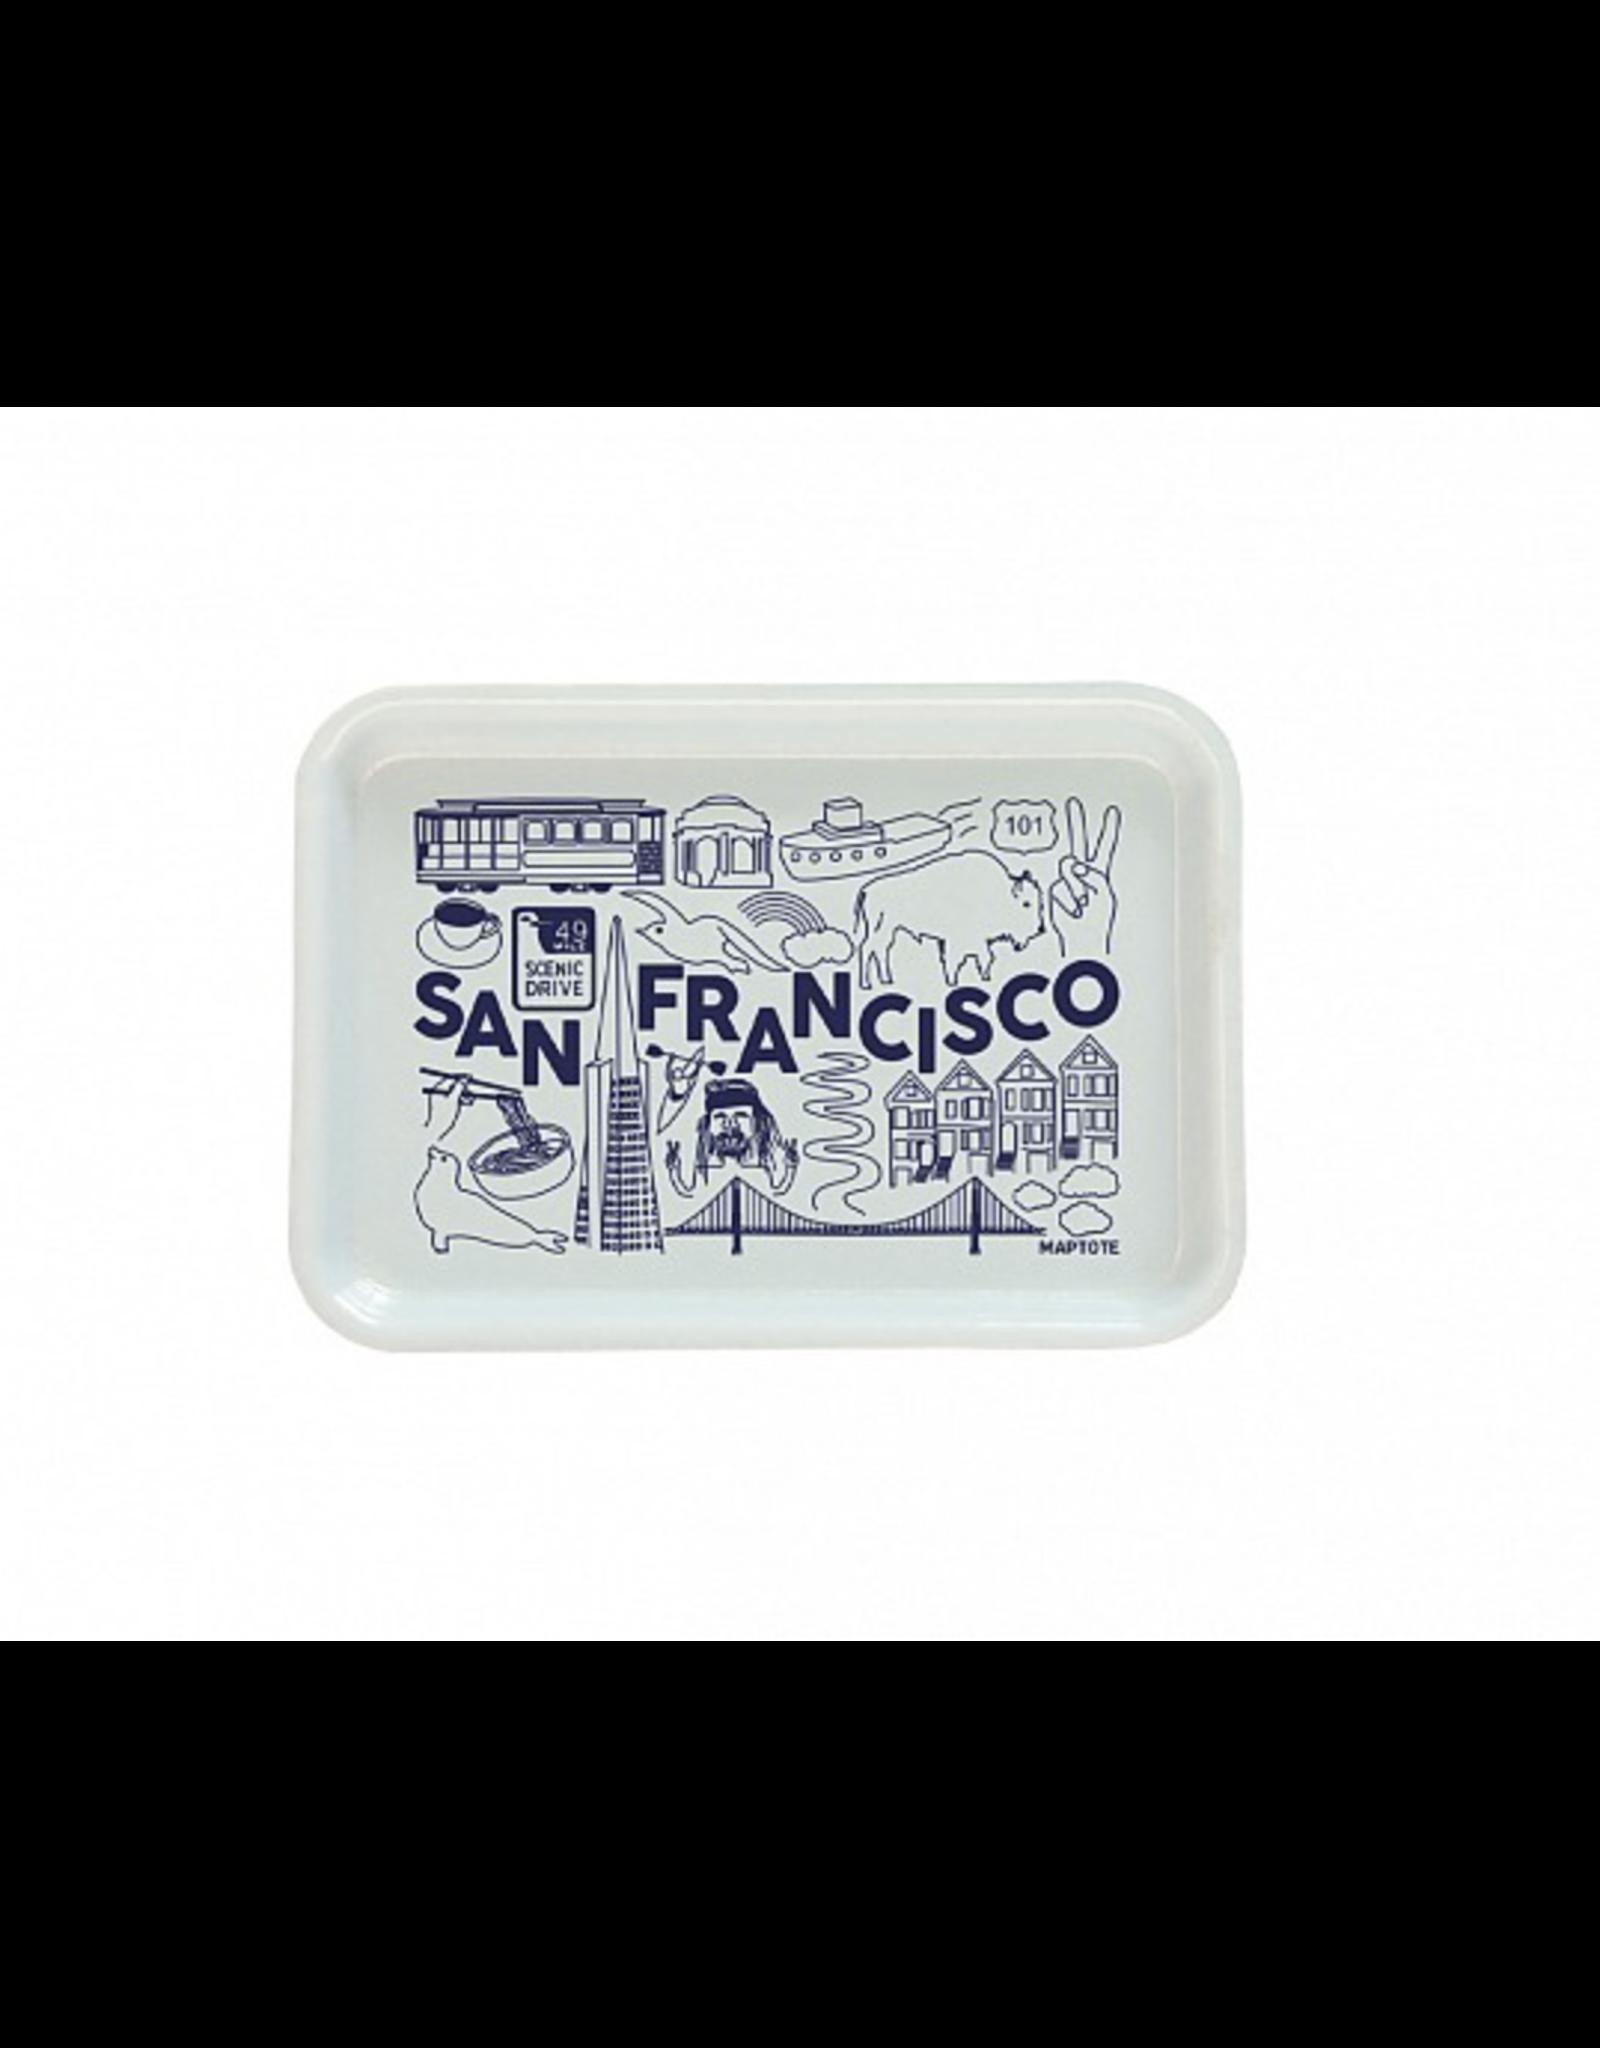 San Francisco Tray - Small